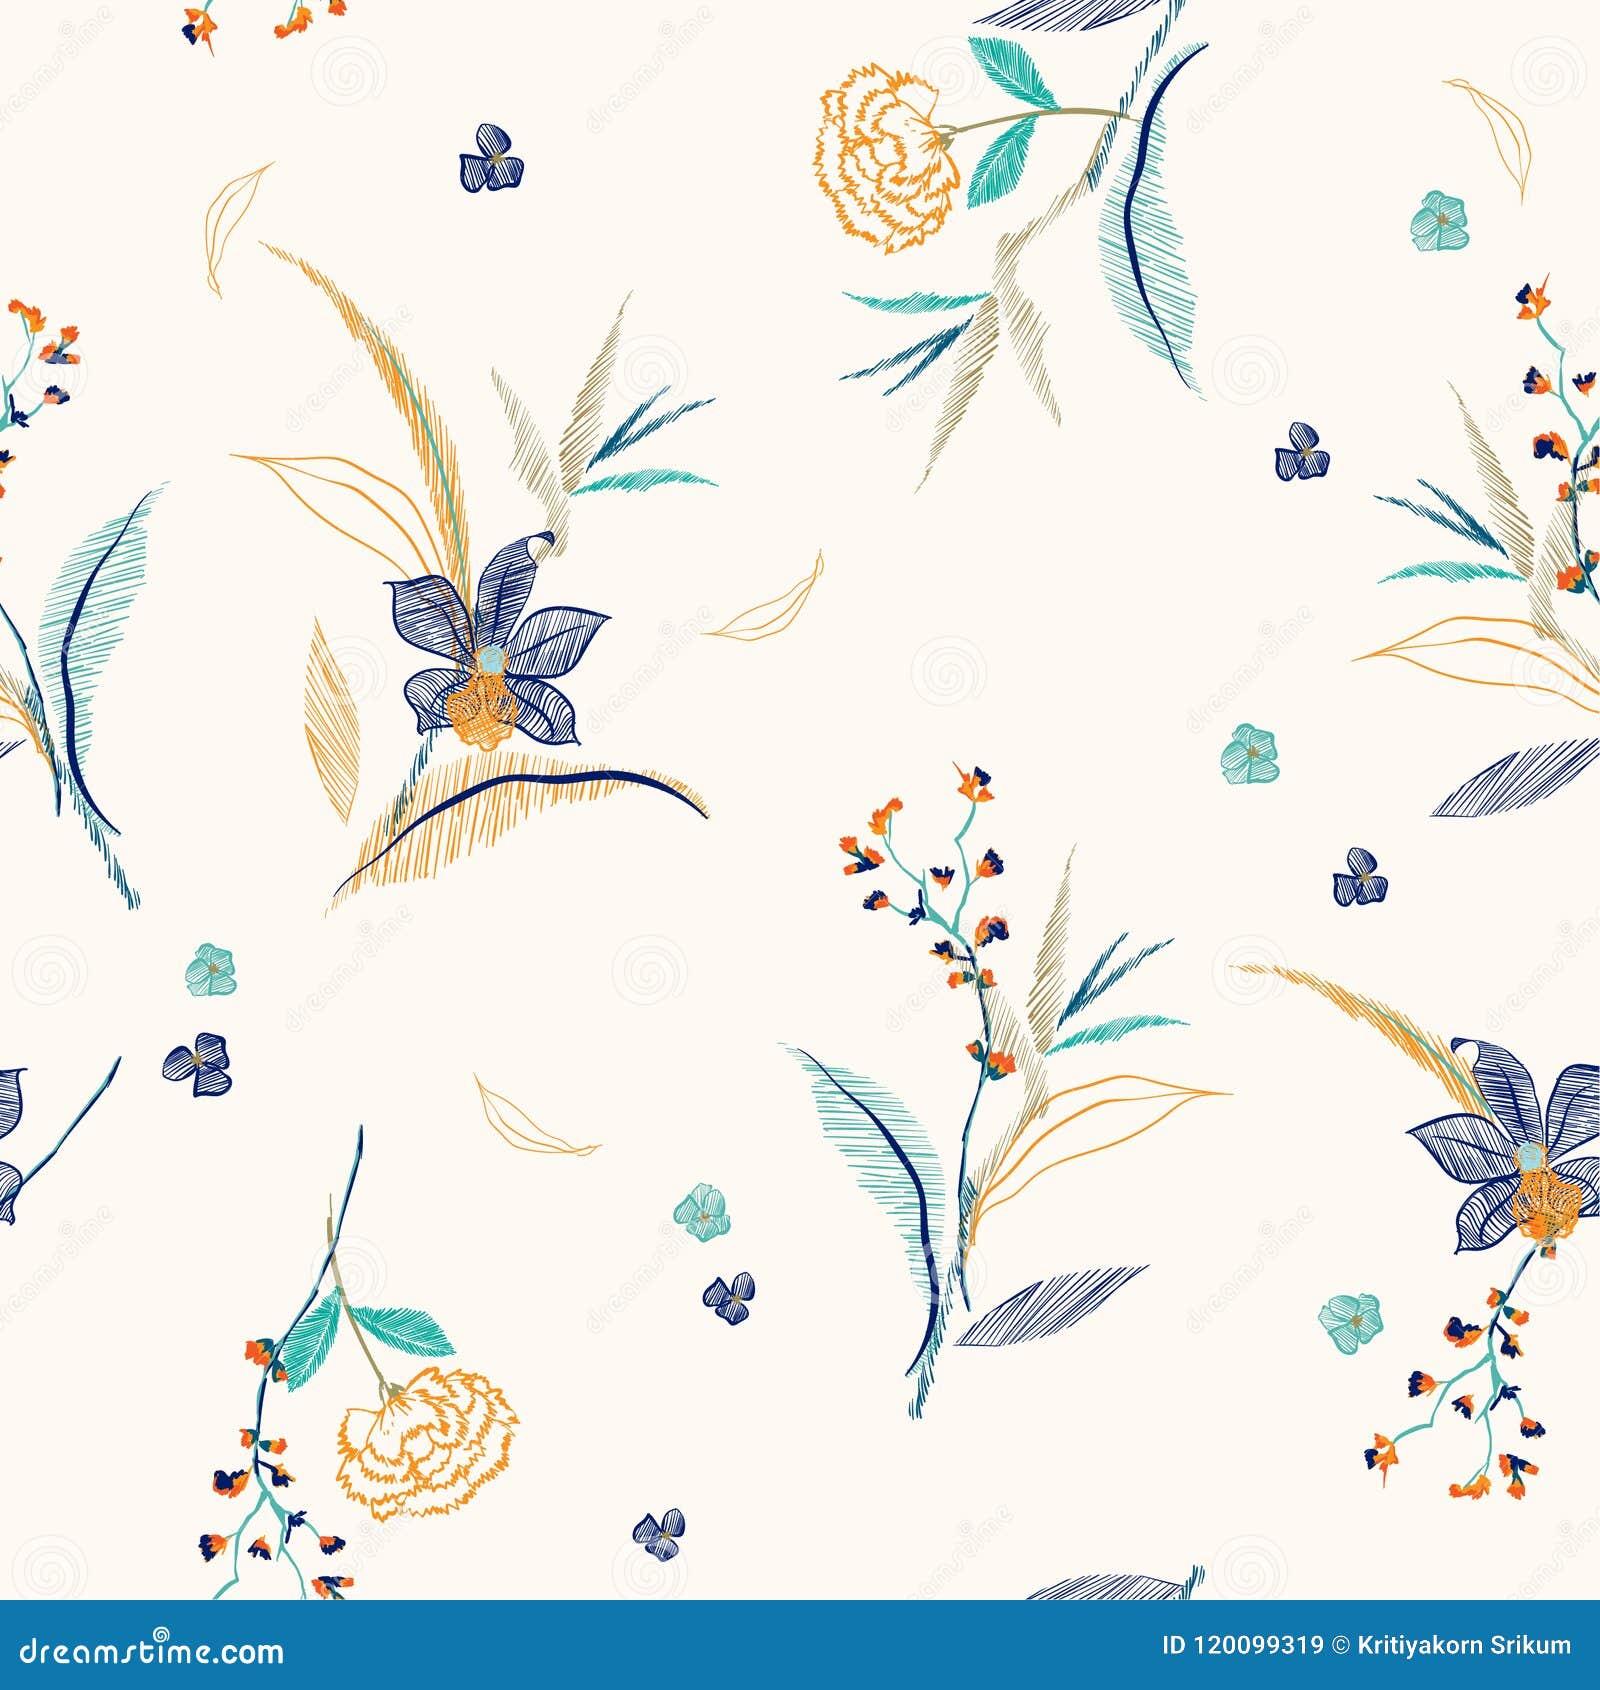 Alinhe O Esboco E As Flores E As Folhas Do Bordado Do Desenho Sem